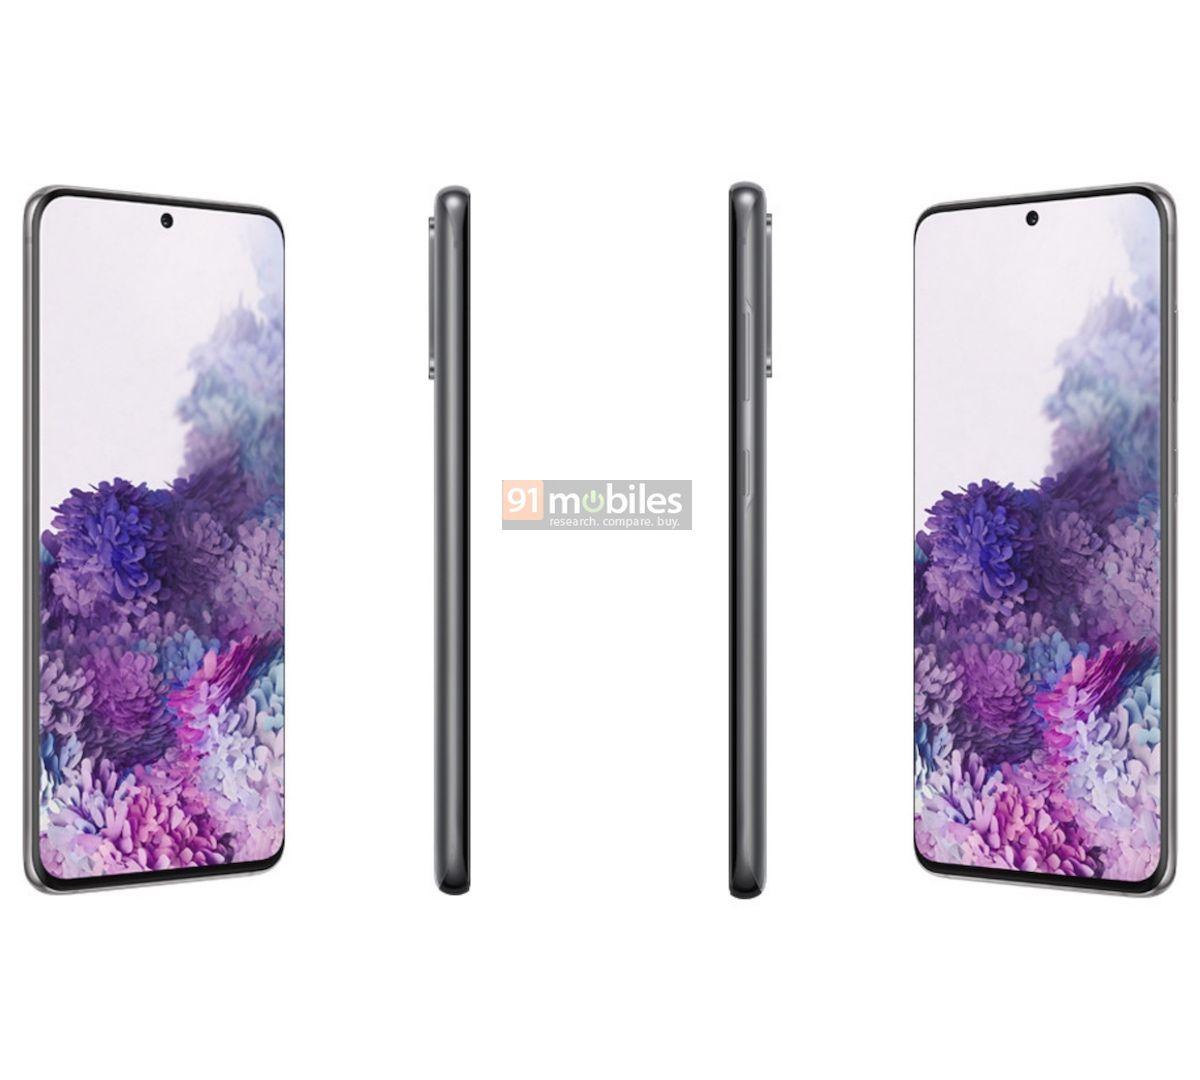 Samsung Galaxy S20 Plus cena plotki przecieki wycieki specyfikacja dane techniczne kiedy premiera rendery